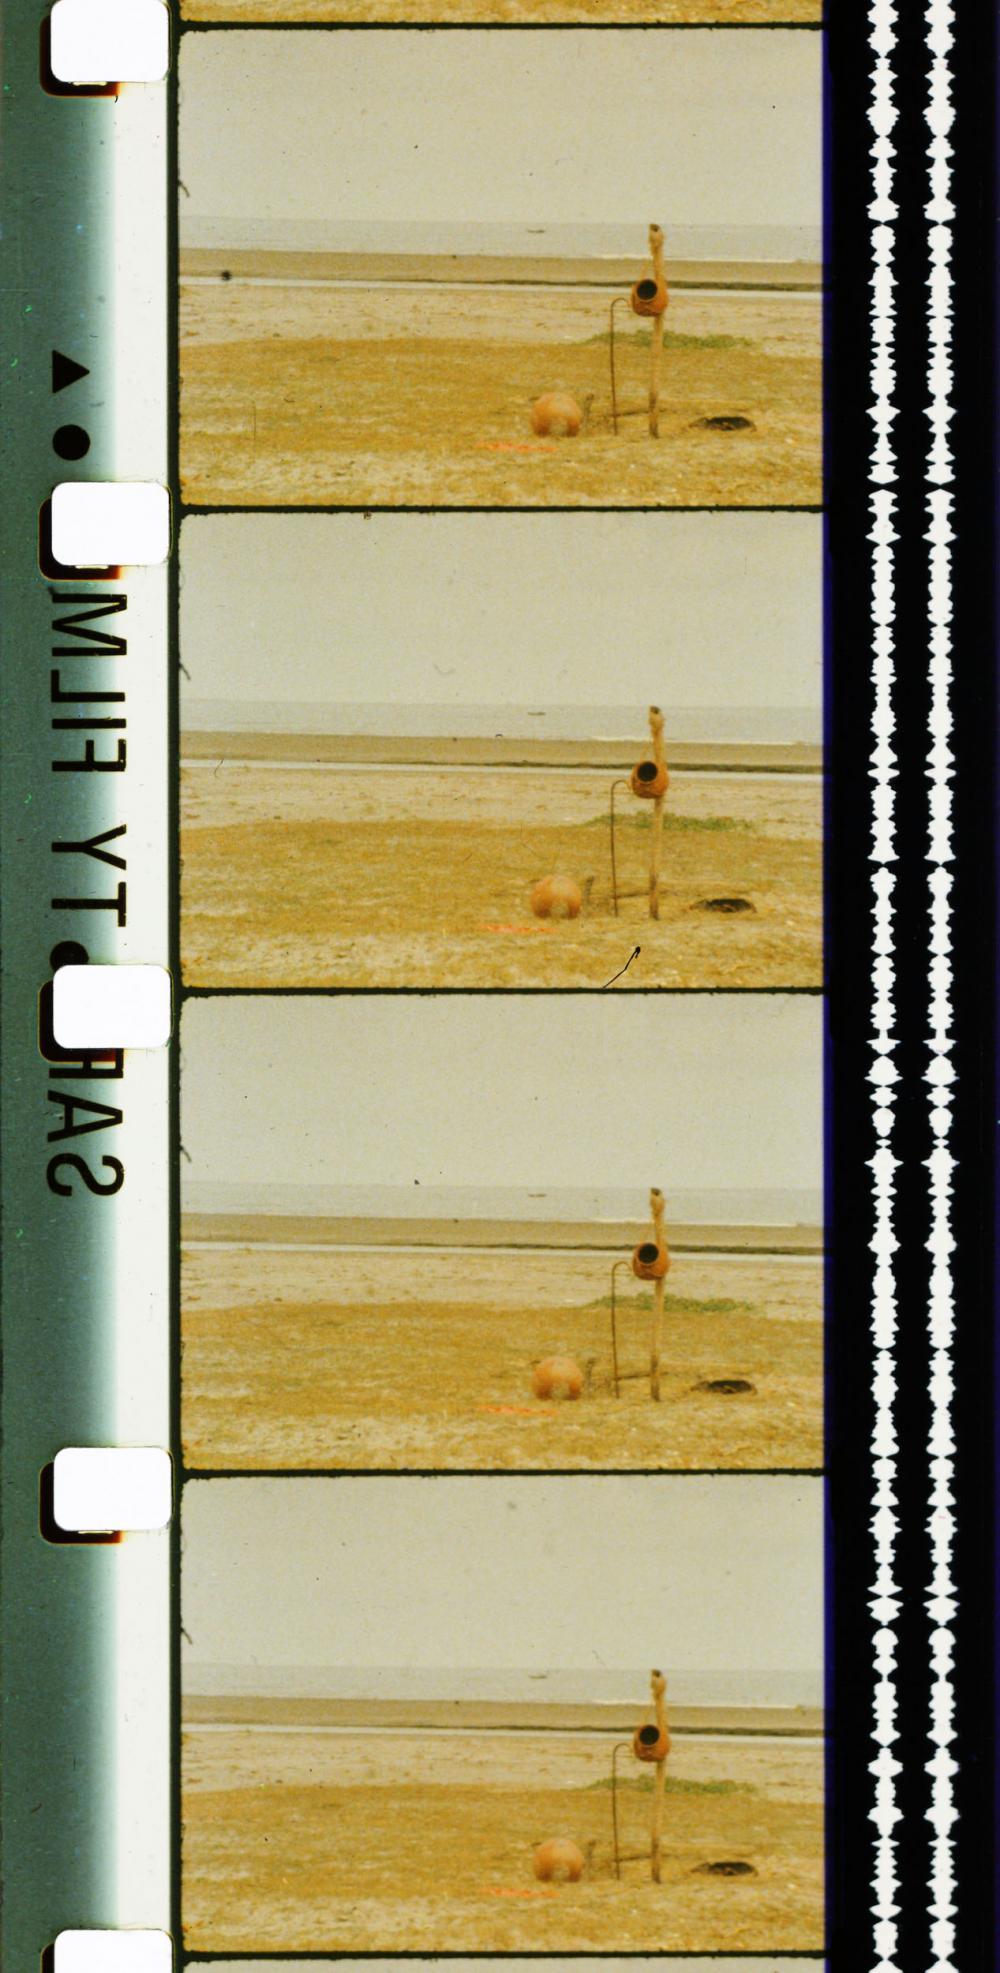 L\'Eau Ganga, 1985, Film 16 mm couleur, sonore, 2 h 33 min © Viswanadhan© Adagp, Paris© Centre Pompidou, MNAM-CCI/Service de la documentation photographique du MNAM/Dist. RMN-GP